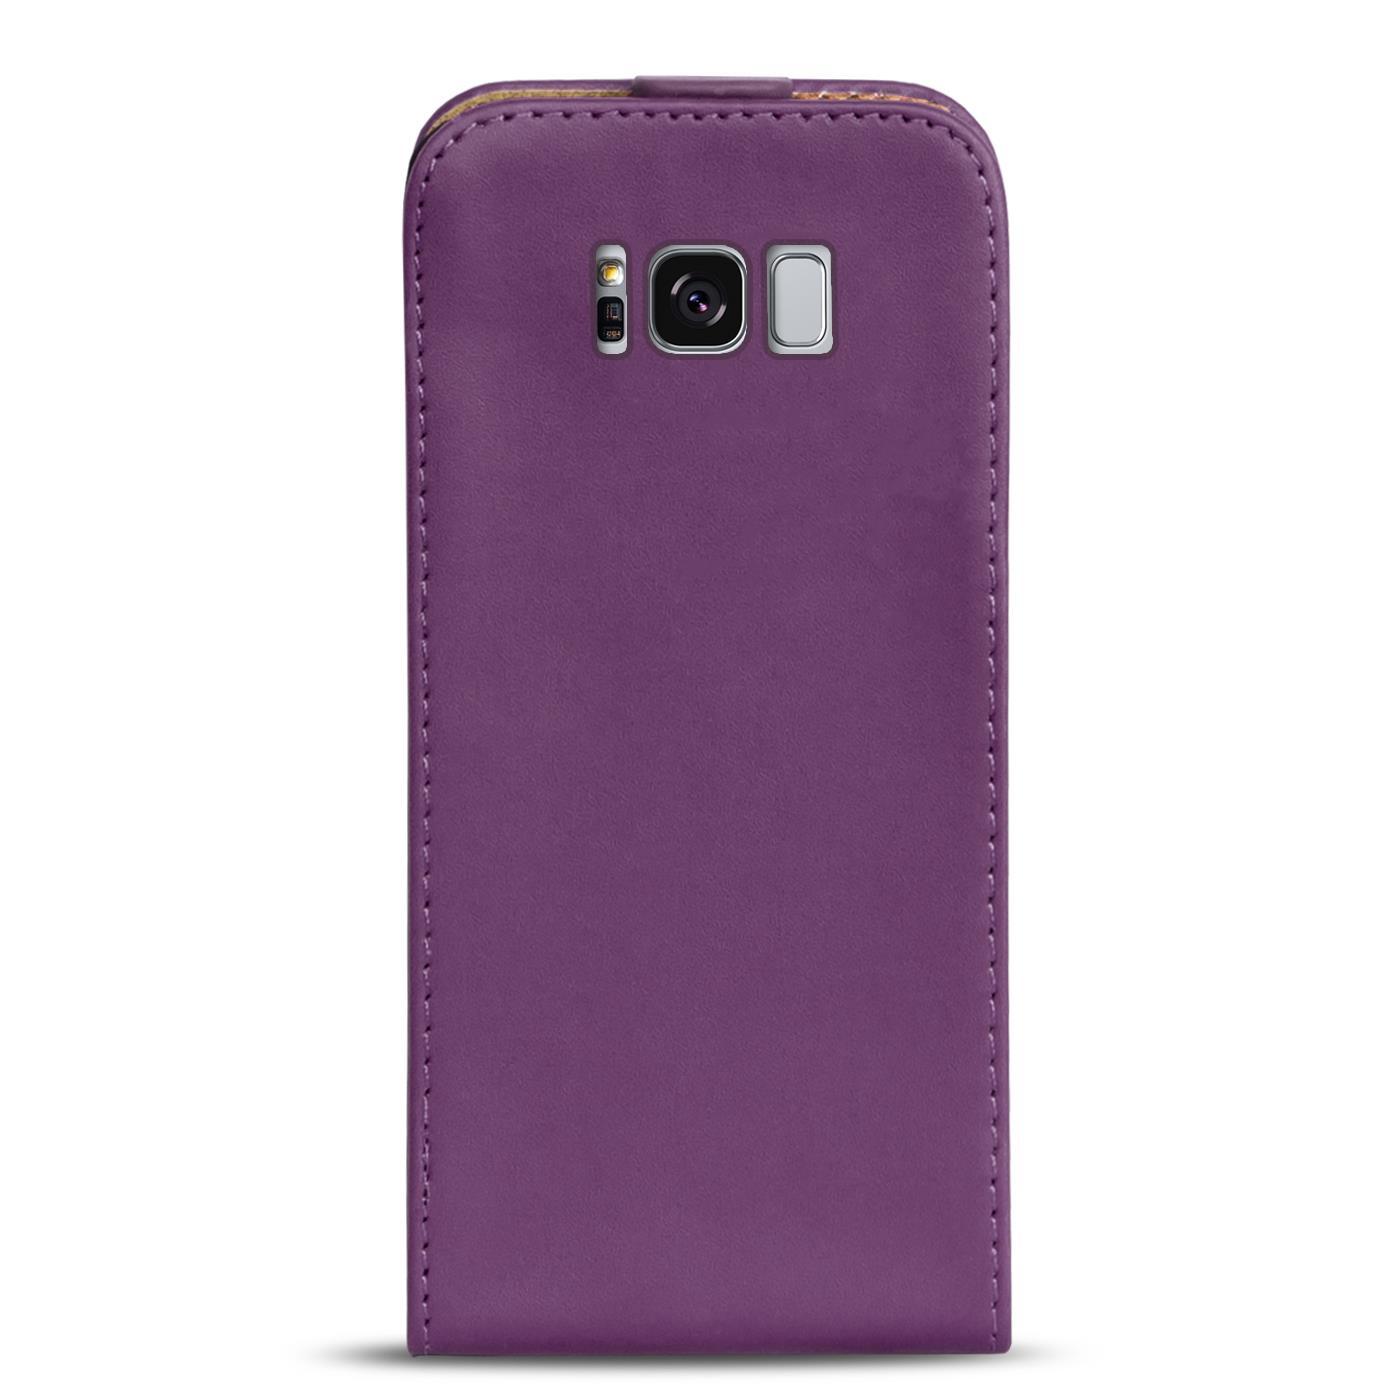 Klapphuelle-Samsung-Galaxy-Flip-Case-Tasche-Schutzhuelle-Cover-Schutz-Handy-Huelle Indexbild 25